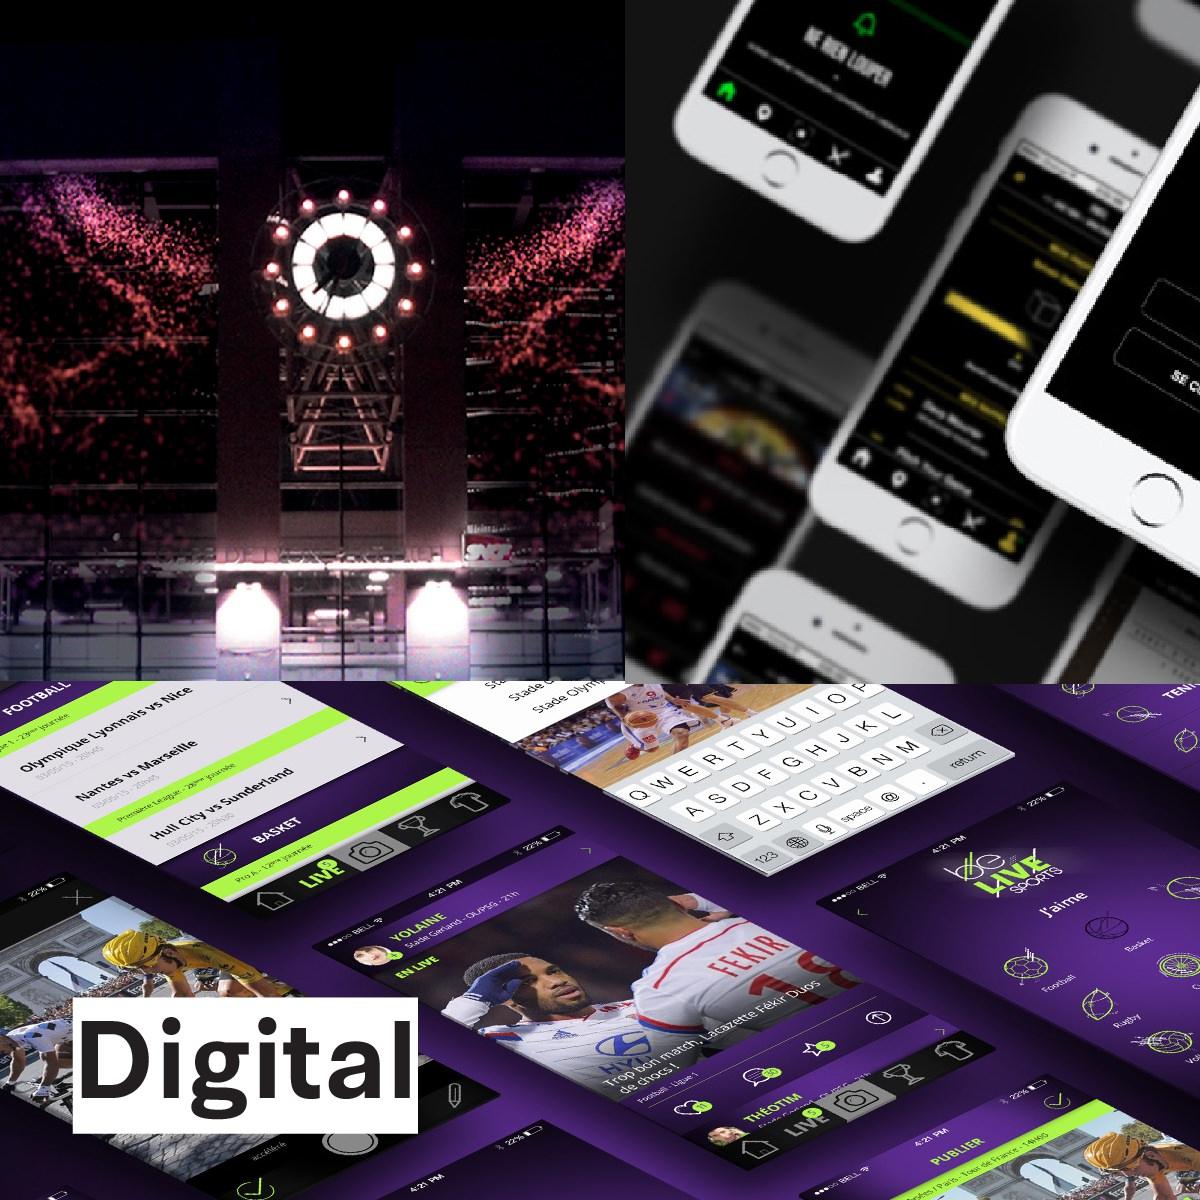 Bellecour - Digital